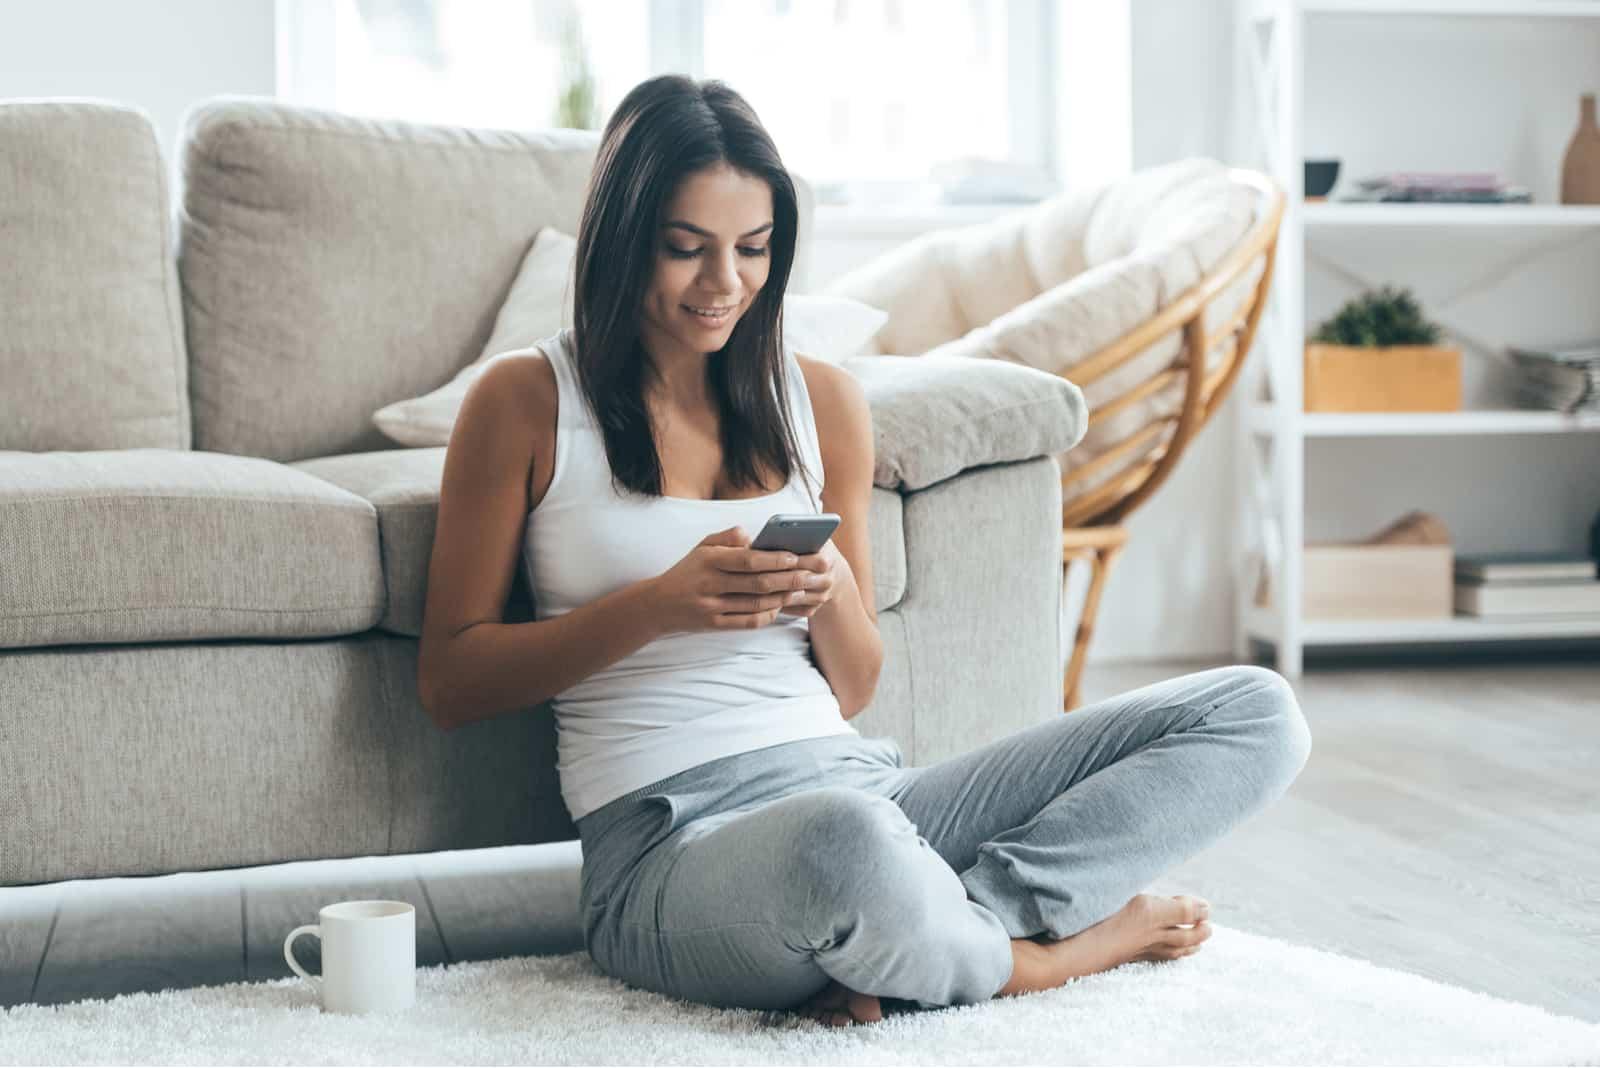 une femme est assise sur le sol et un bouton sur le téléphone